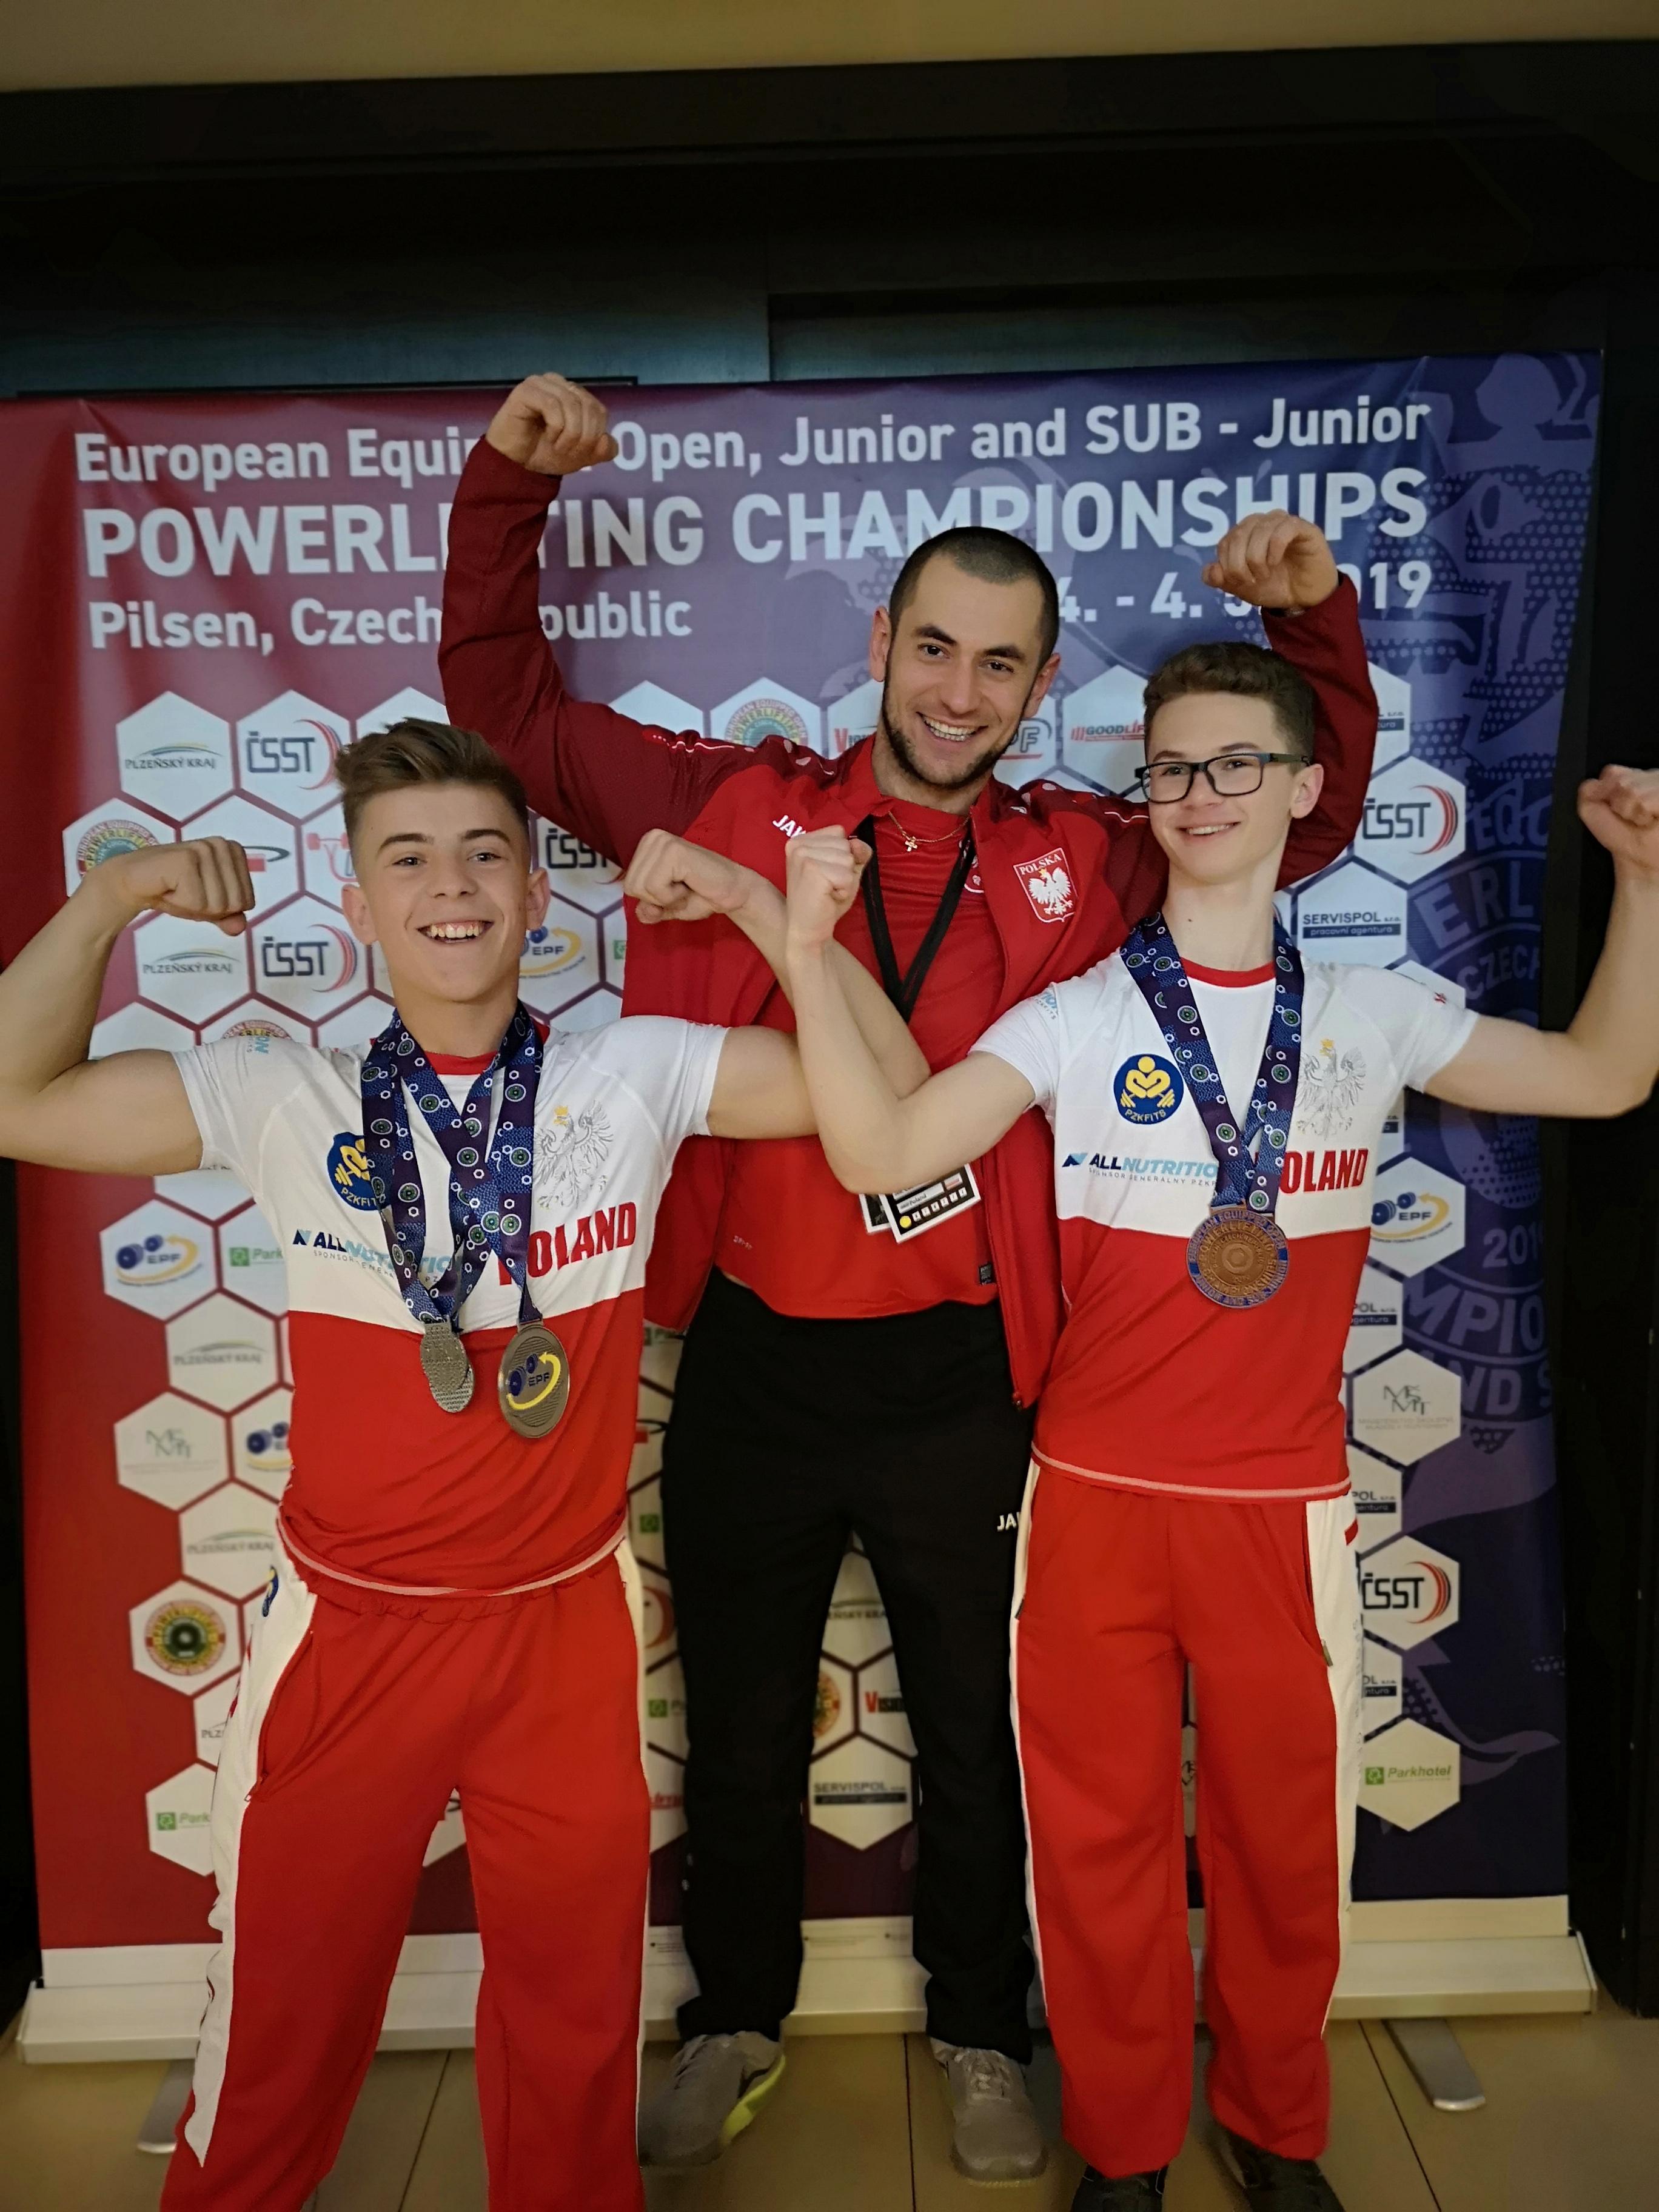 Wychowankowie kolbuszowskiego Studia Mocy wywalczyli pierwsze medale w mistrzostwach Europy [ZDJĘCIA] - Zdjęcie główne